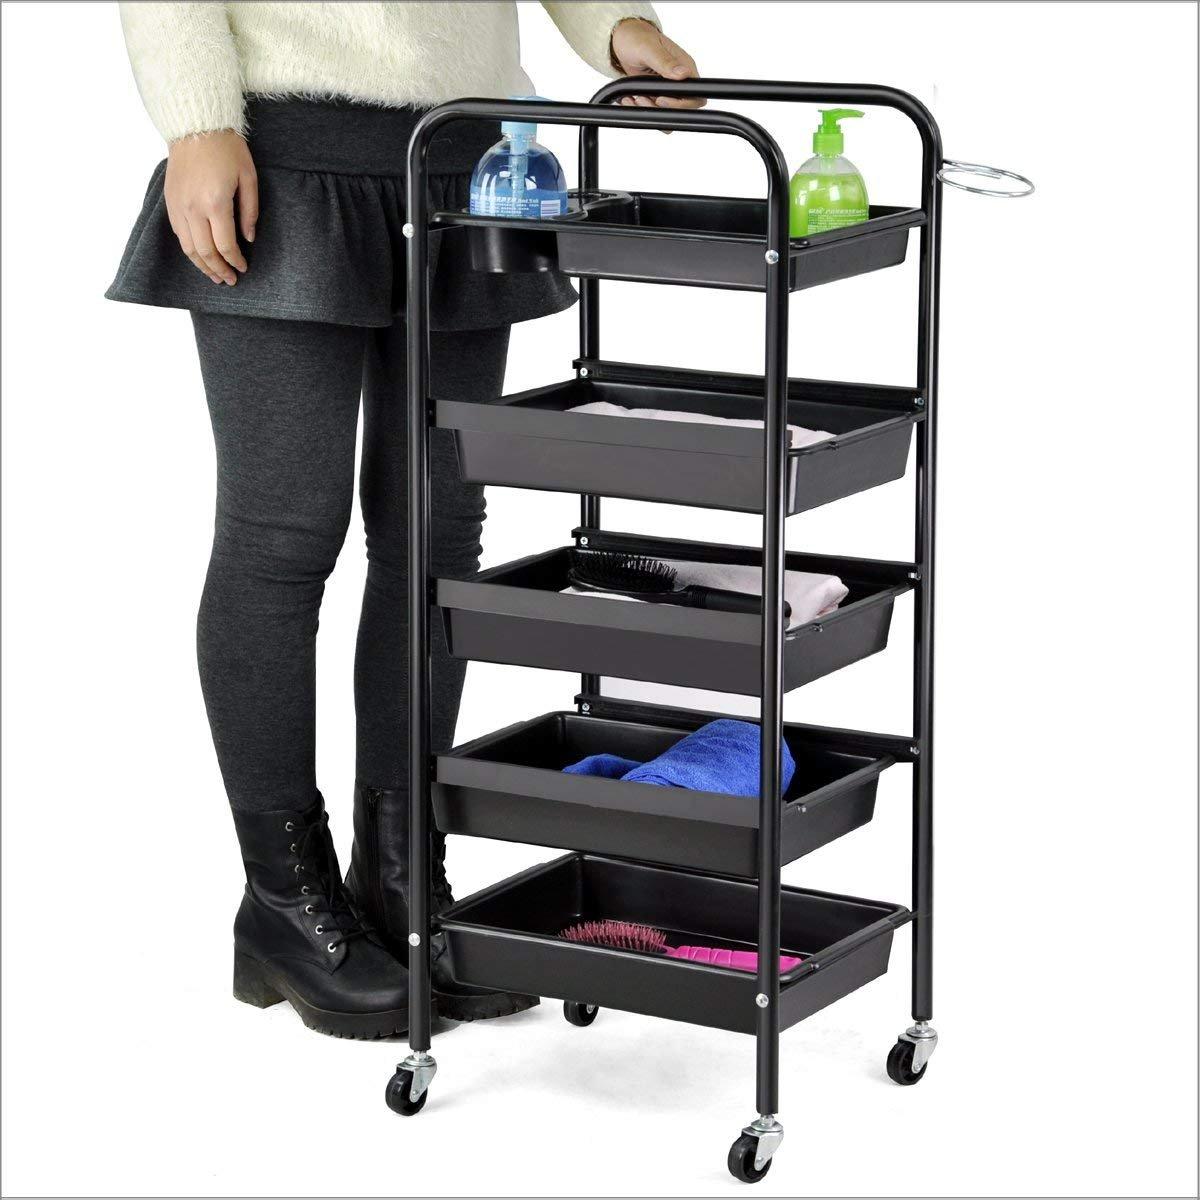 Popamazing Salon 5 Drawer Storage Trolley with Chrome Frame - 36.5cm x 31.5cm x 90cm (L*W*H)